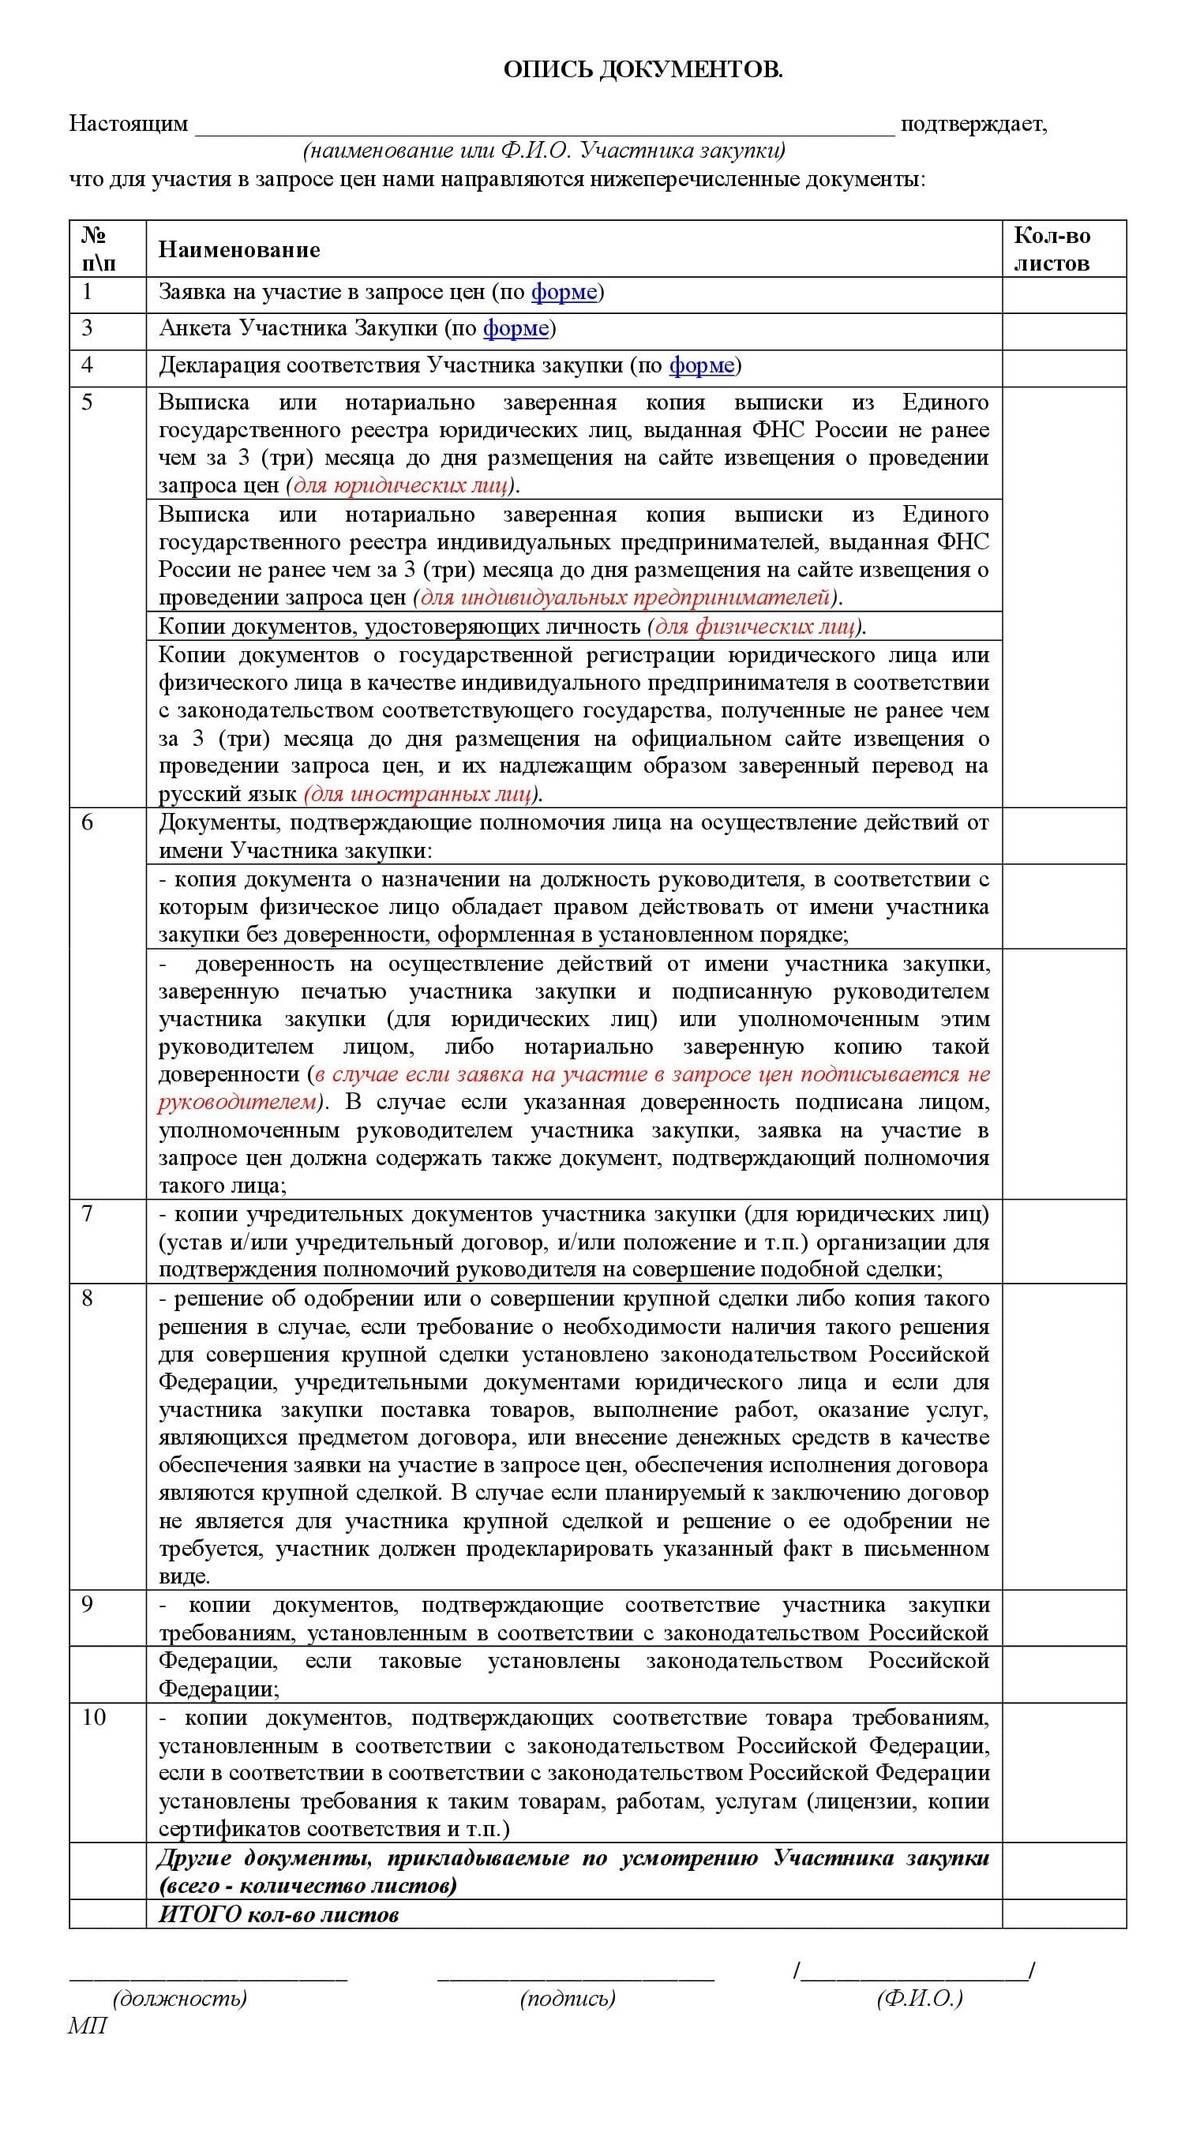 На сайте МФЦ Амурской области я нашла список документов дляучастия в закупке